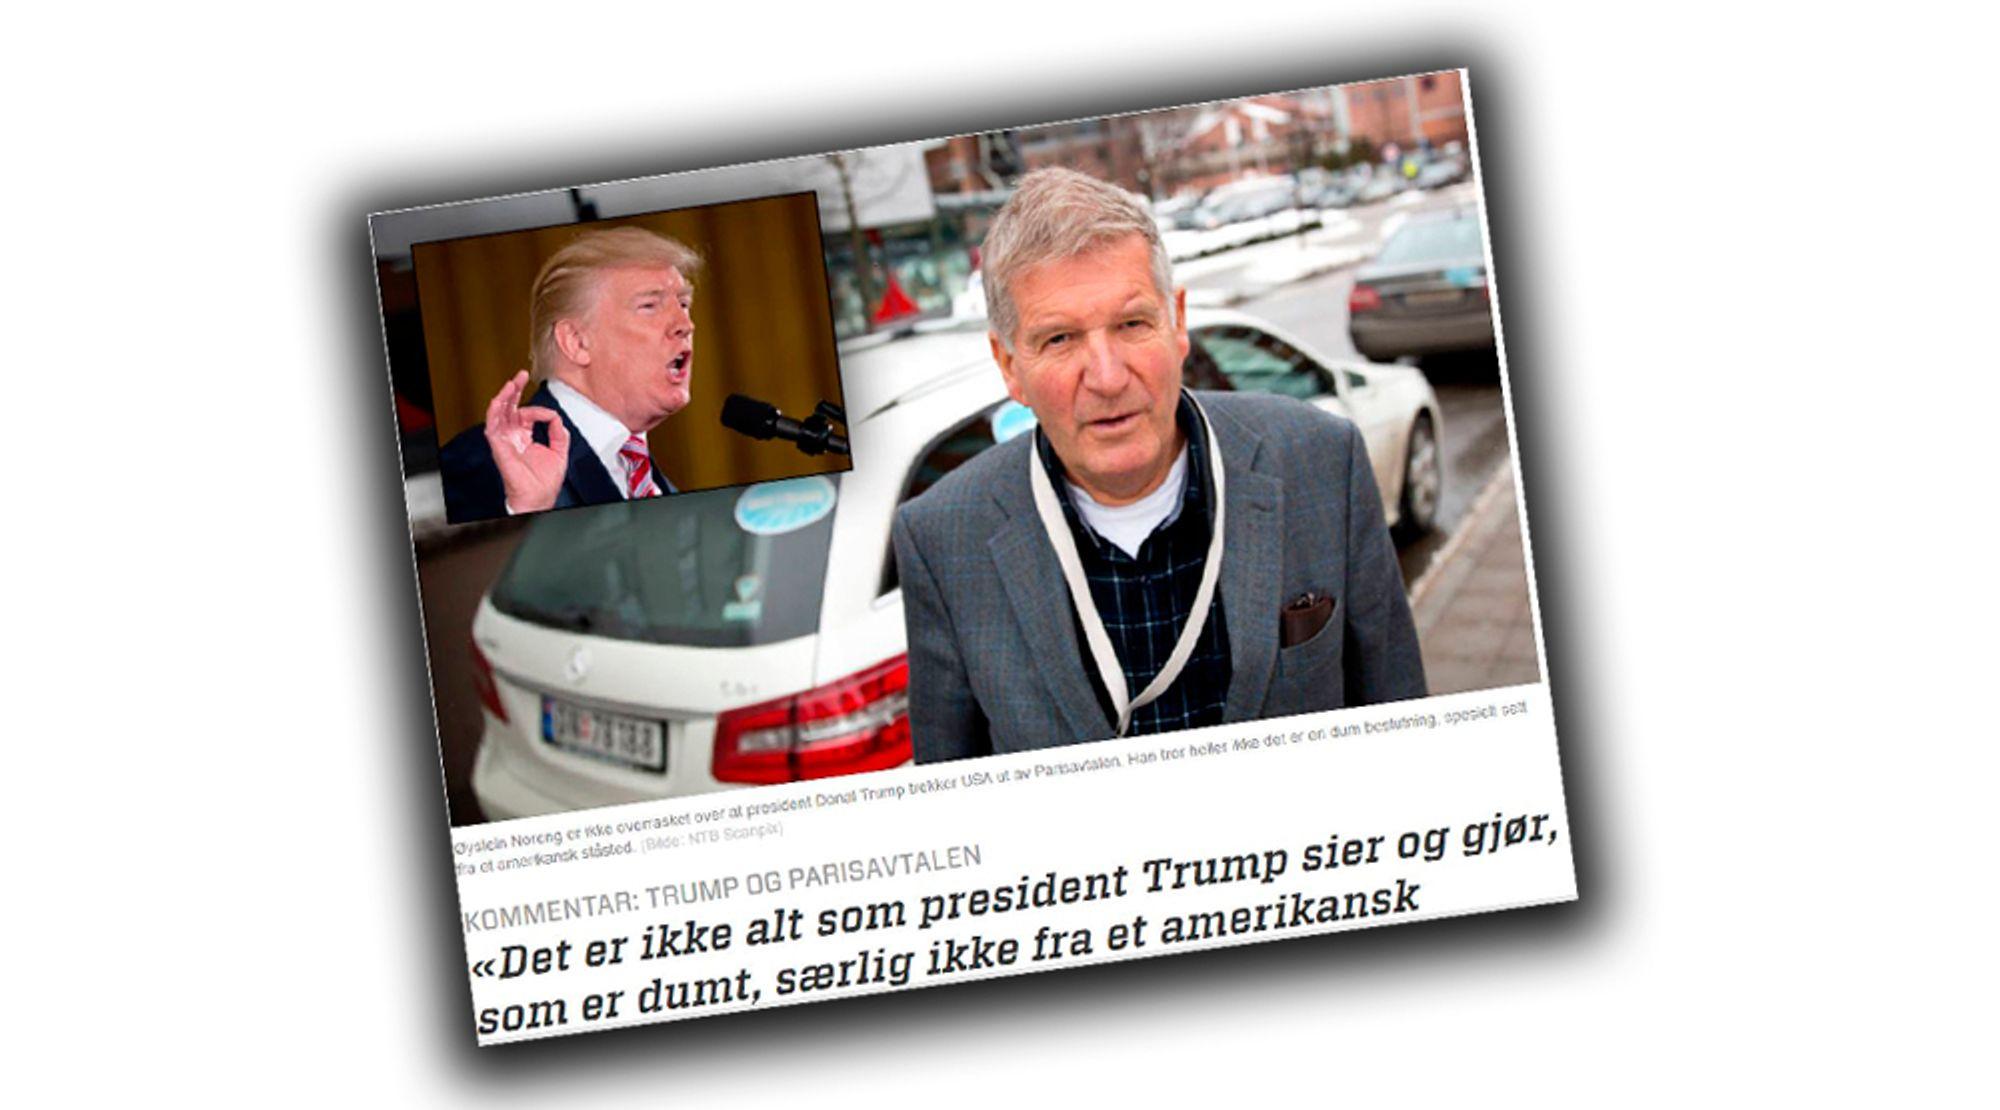 Øystein Norengs forsøk på å forklare USAs president Donald Trumps retrett fra Parisavtalen, skapte mange reaksjoner i starten av juni. Her svarer han på kritikken.